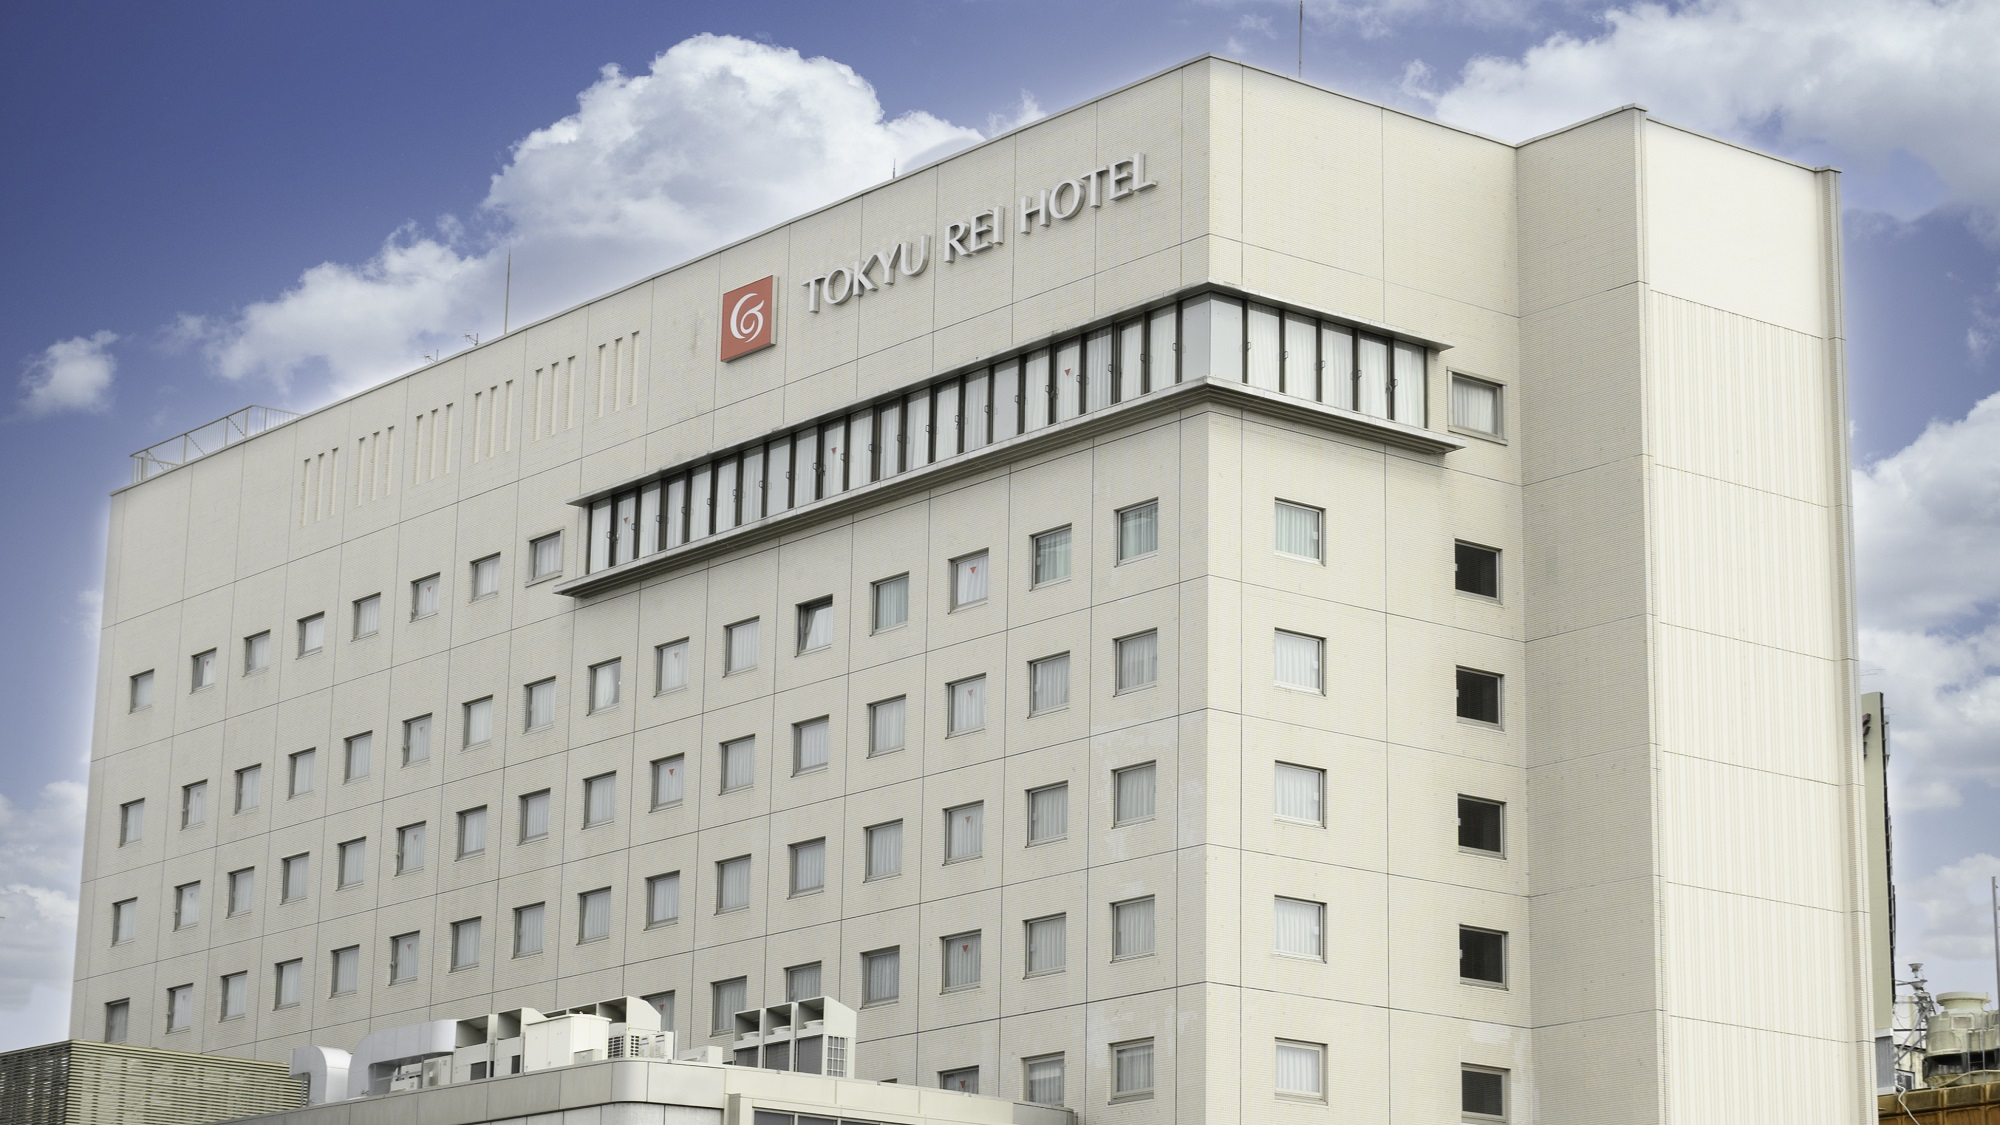 長野東急REIホテル